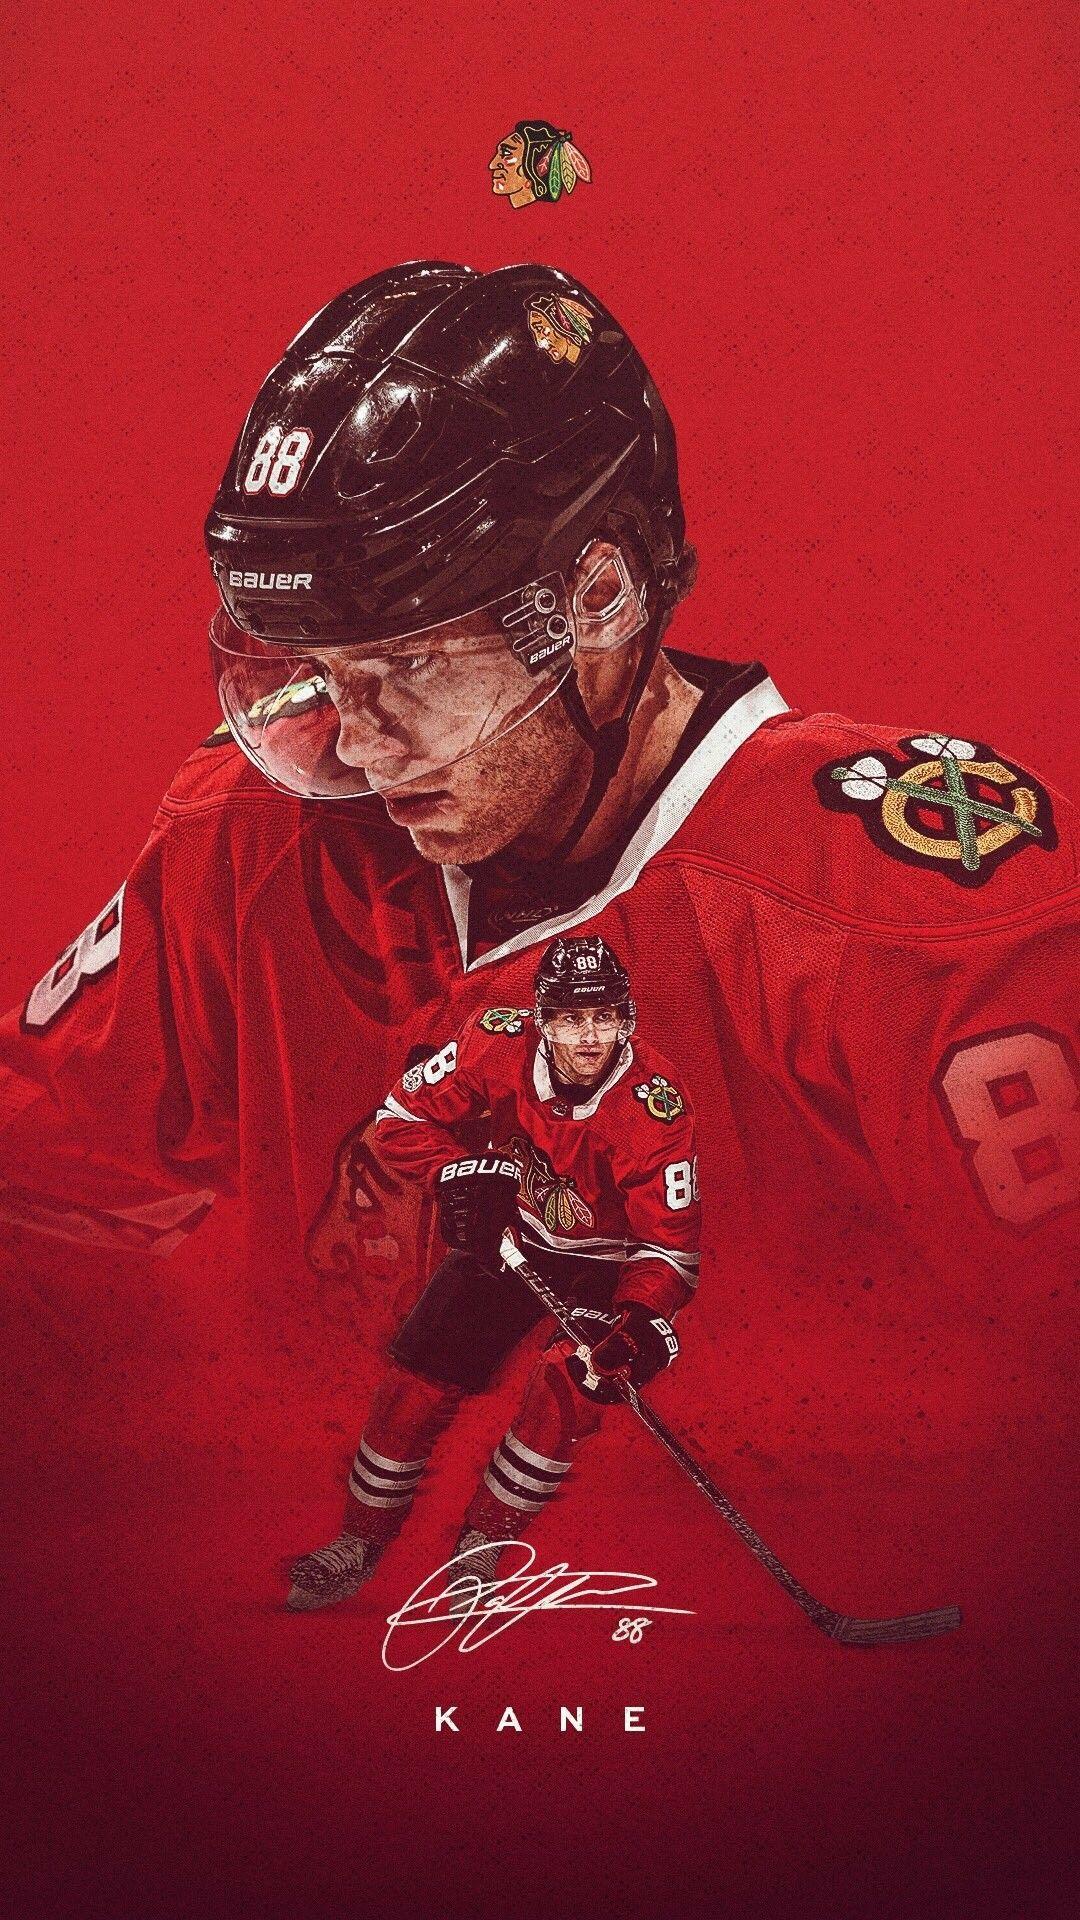 Kane Blackhawks Chicago Blackhawks Wallpaper Kane Blackhawks Chicago Blackhawks Hockey